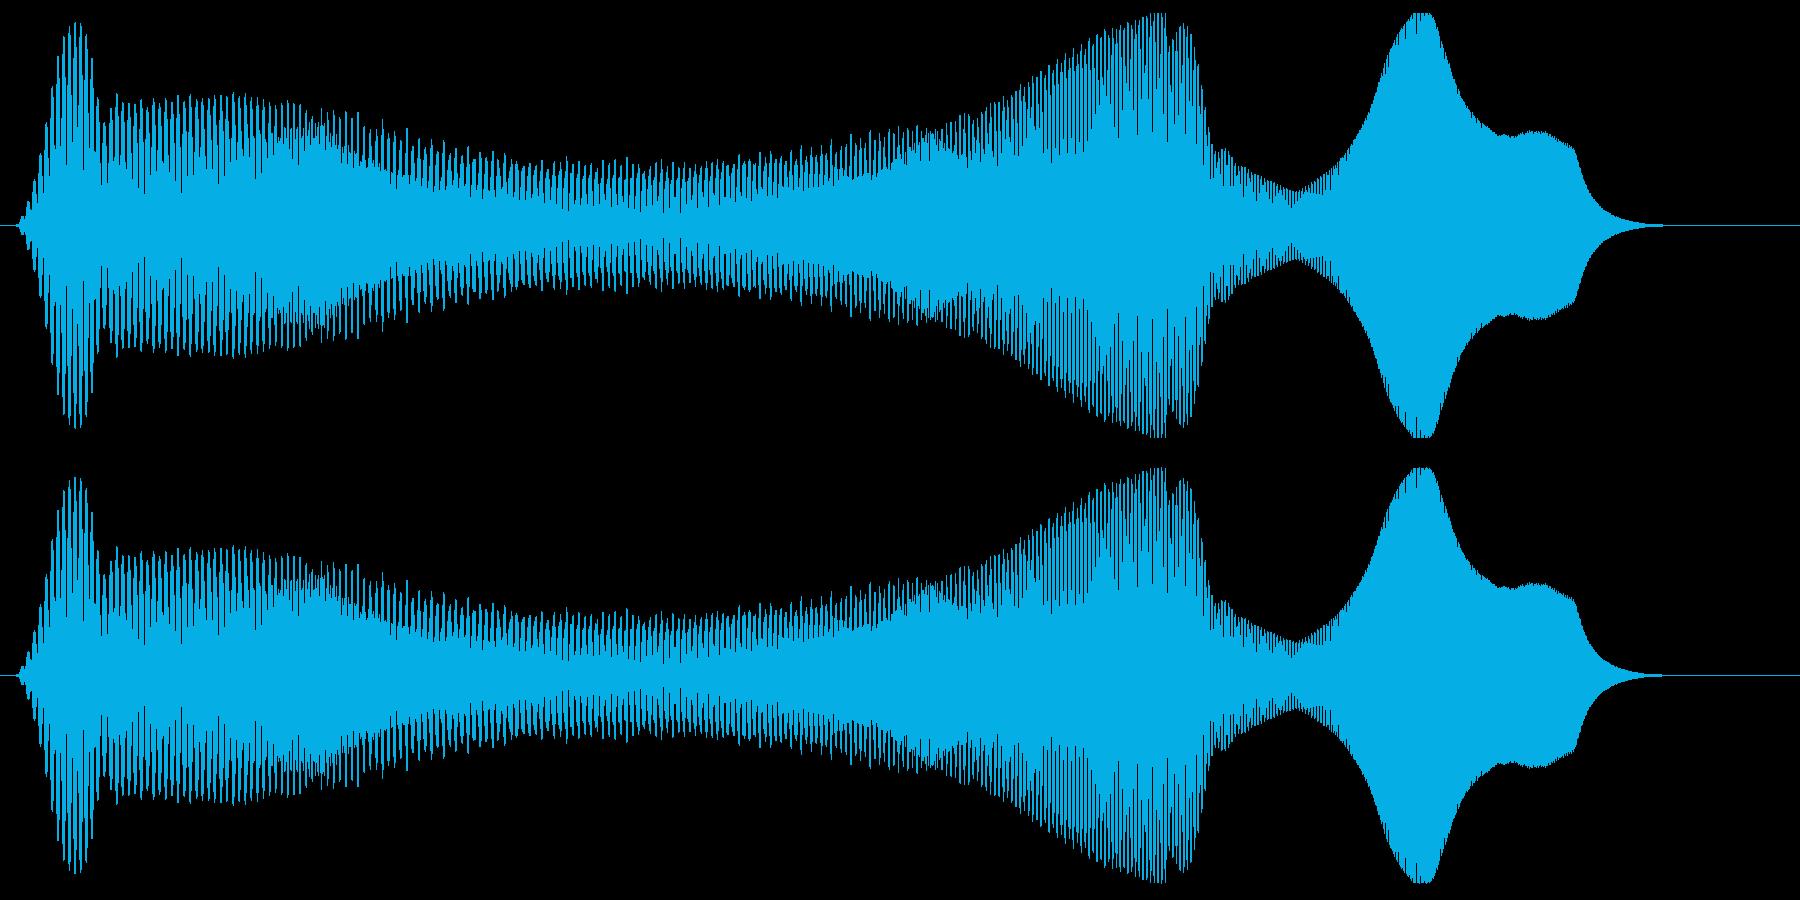 フワッフワン(浮上音)の再生済みの波形